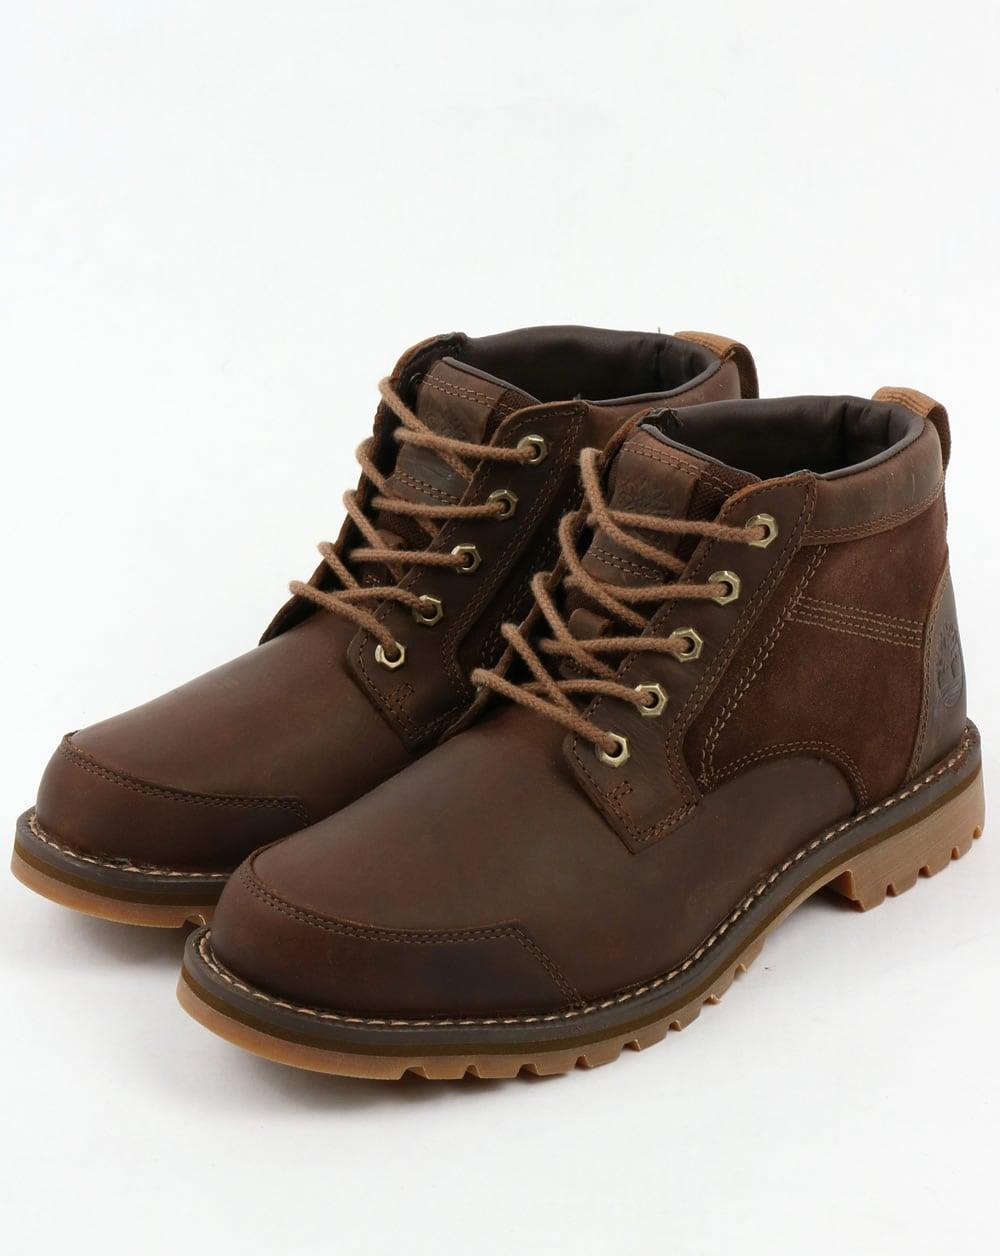 24002fa9cbb8 Timberland Timberland Larchmont Chukka Boots Gaucho Saddleback